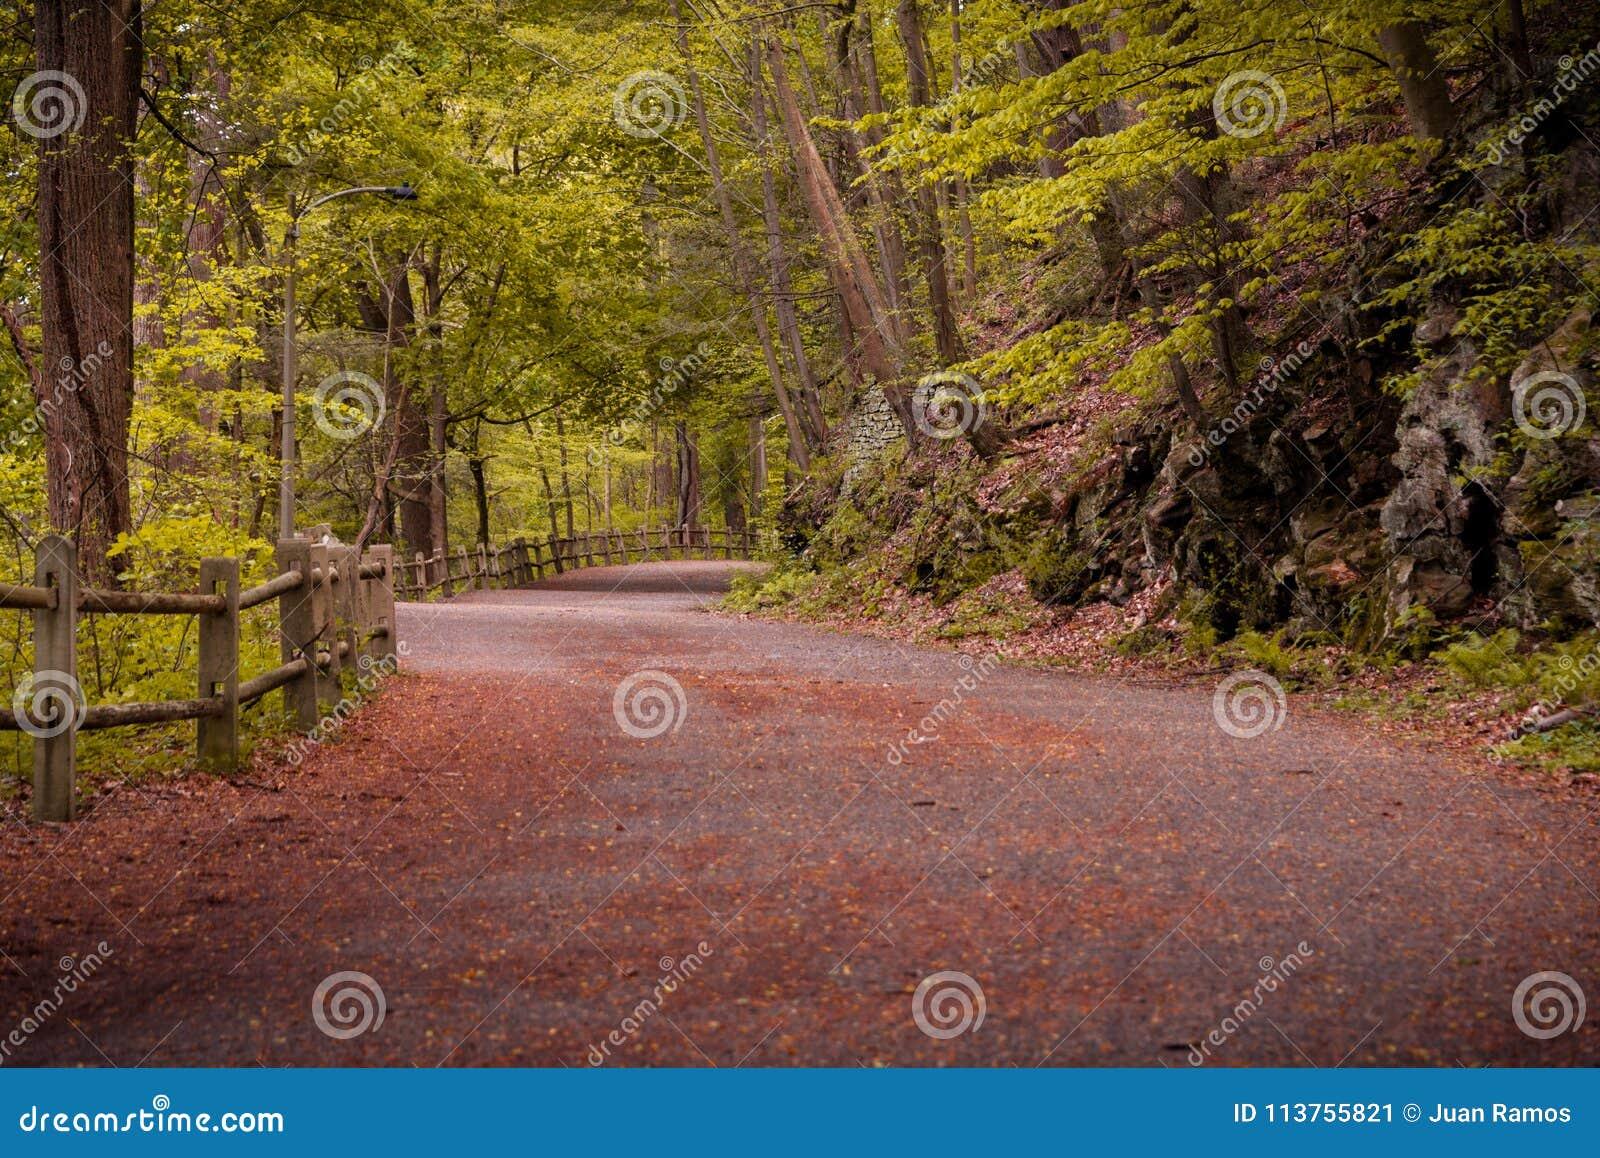 Bred bana till och med skog